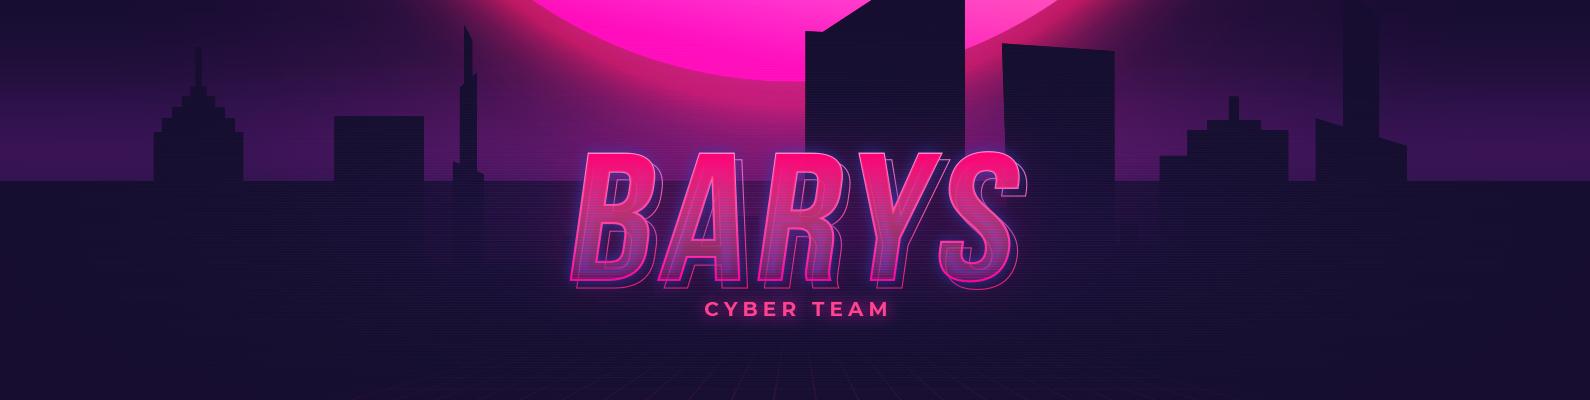 Обложка сообщества ВК BARYS